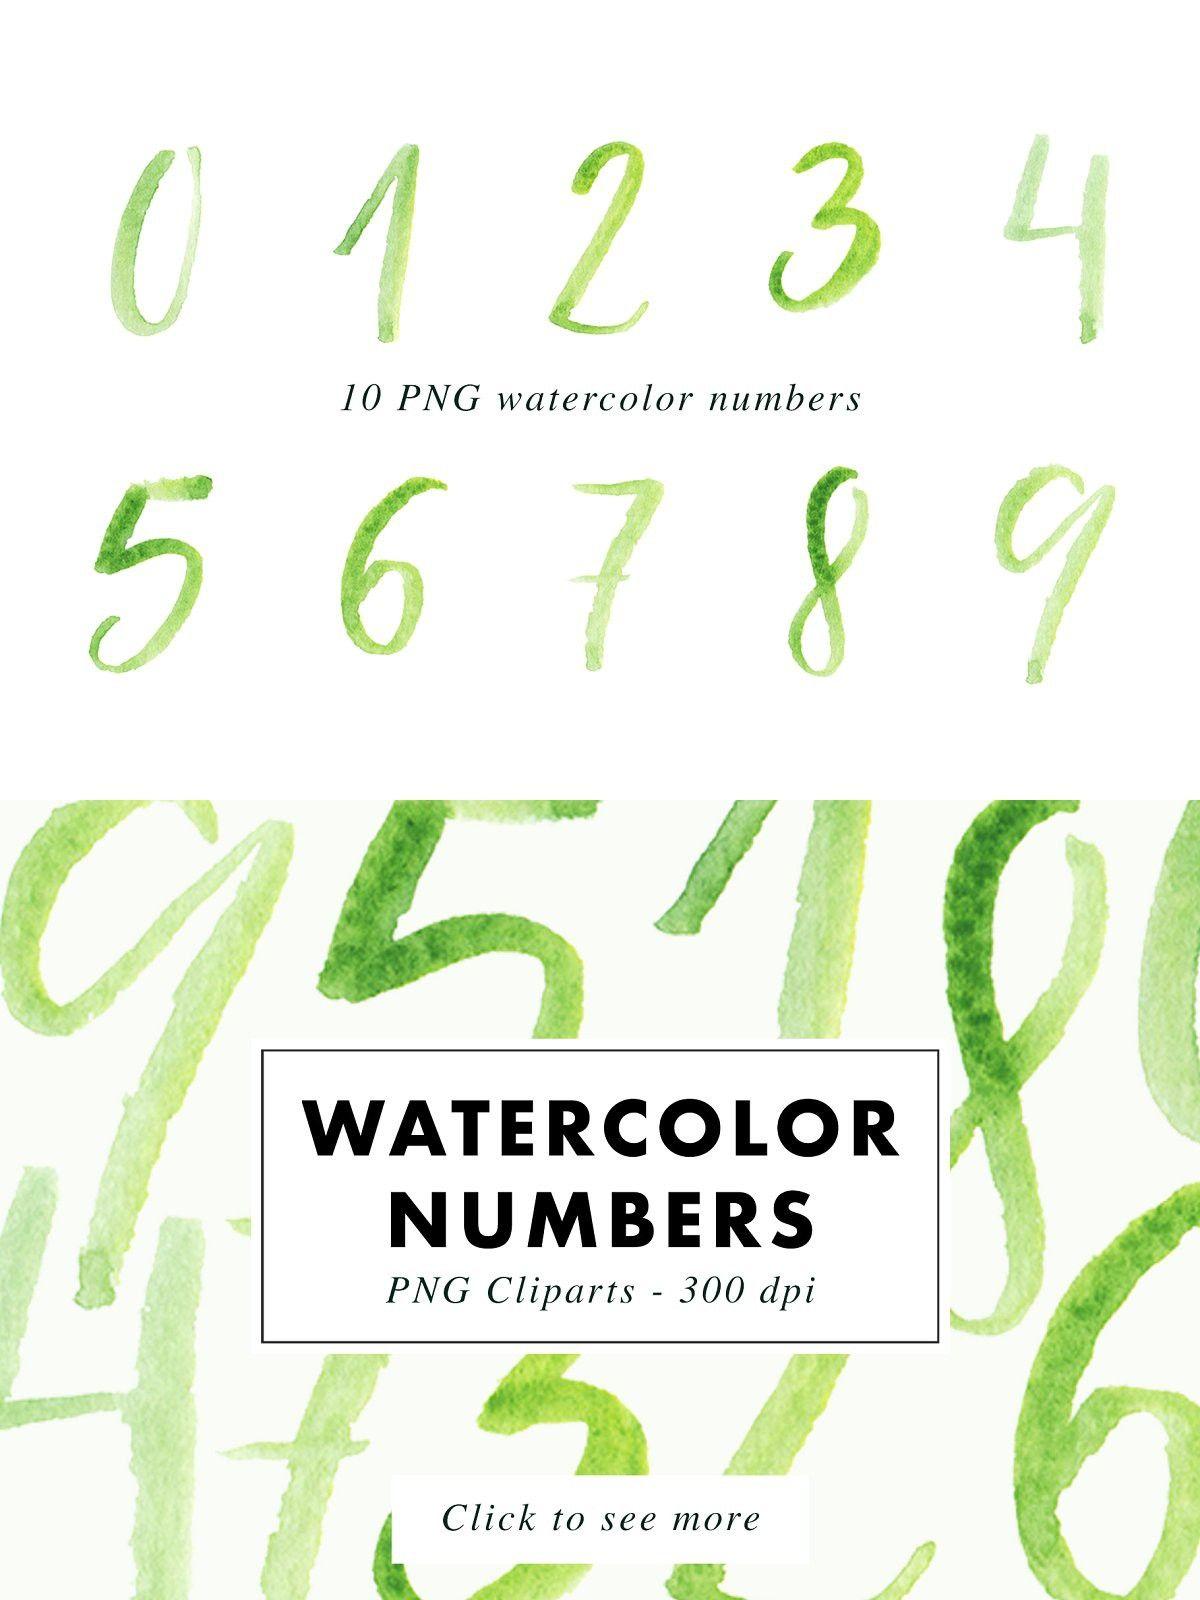 10 Watercolor Numbers Png Watercolor Clip Art Logo Design